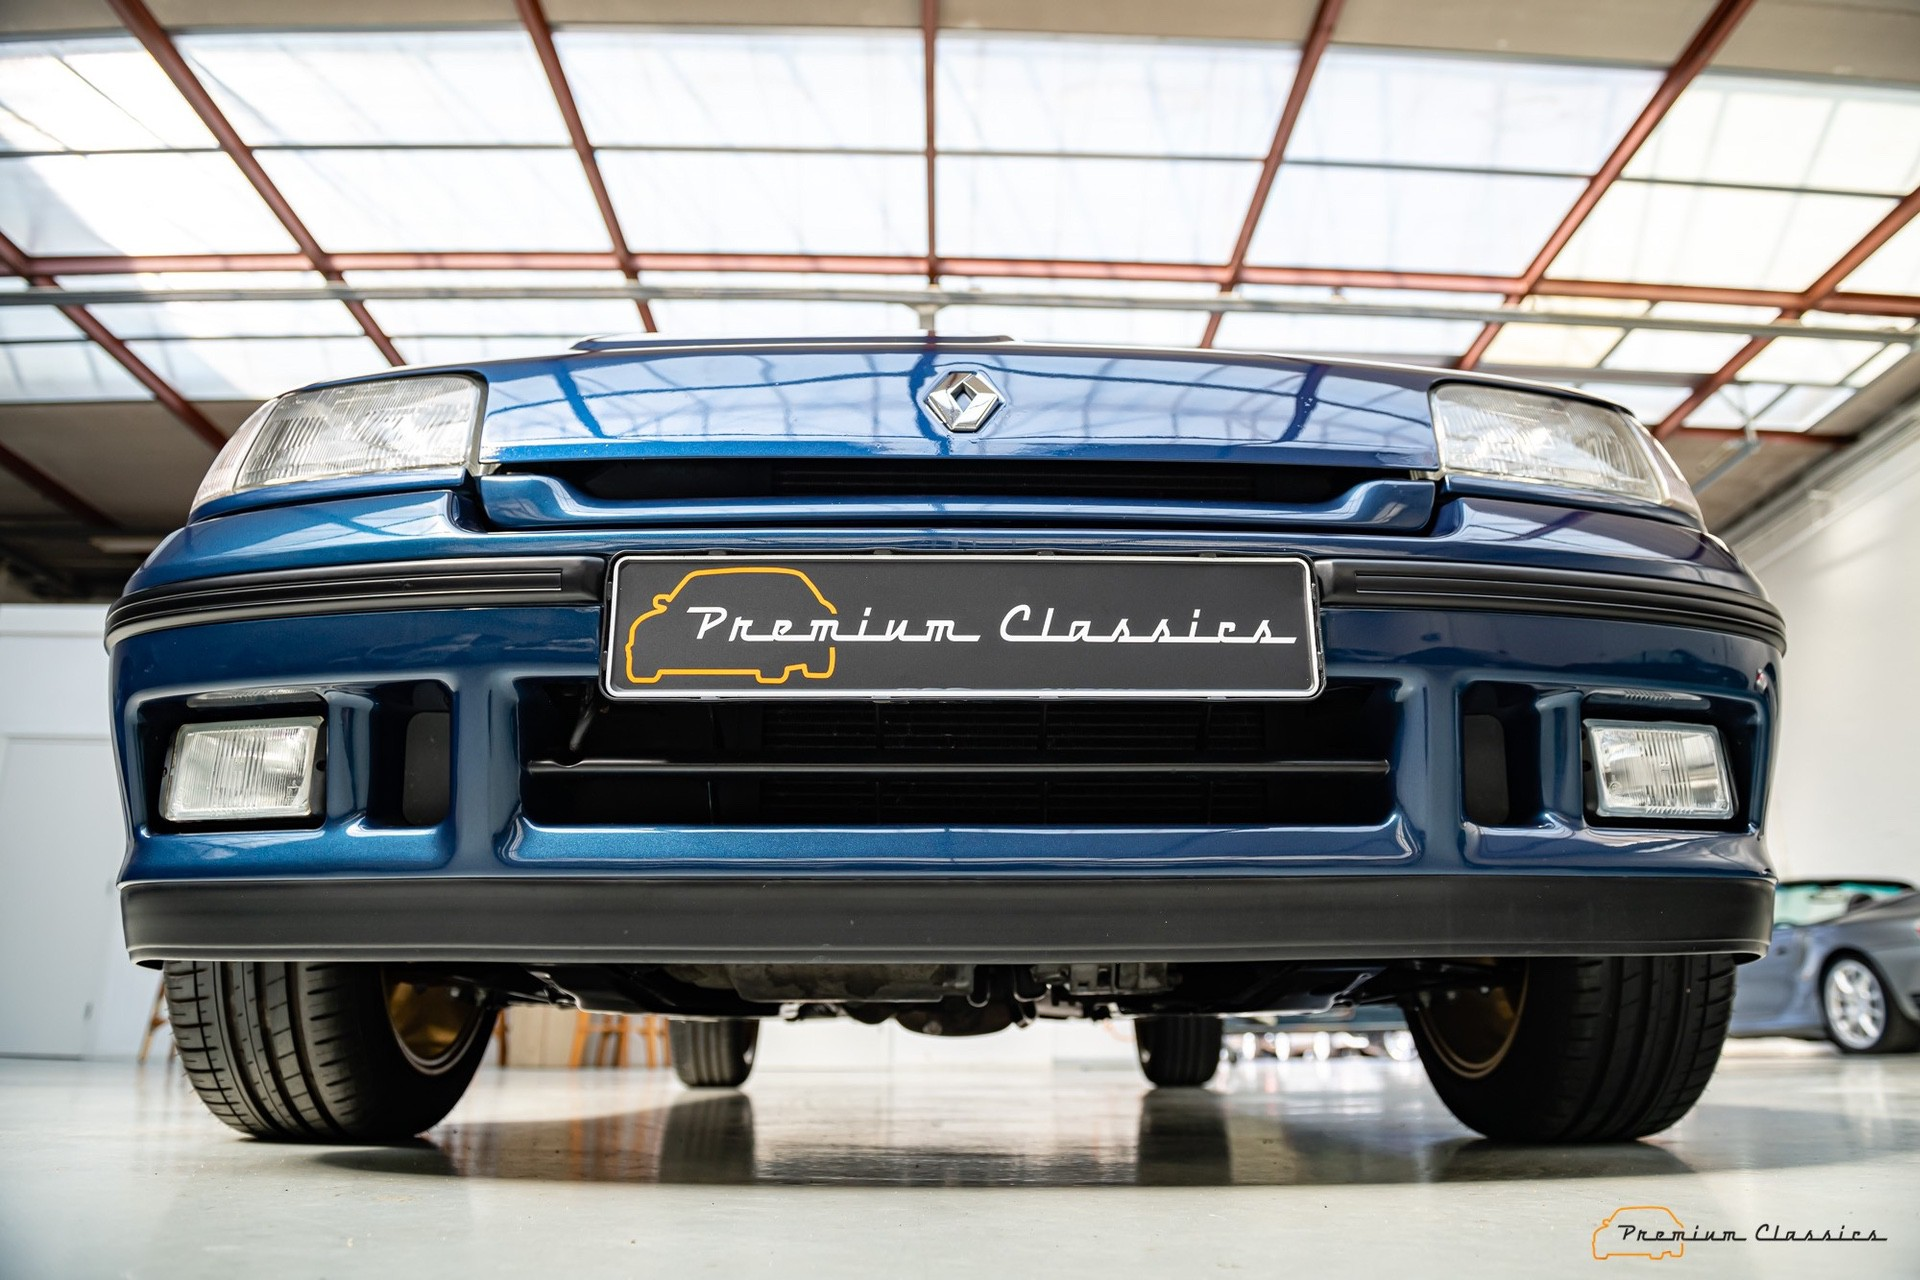 Renault_Clio_Williams_sale-0030